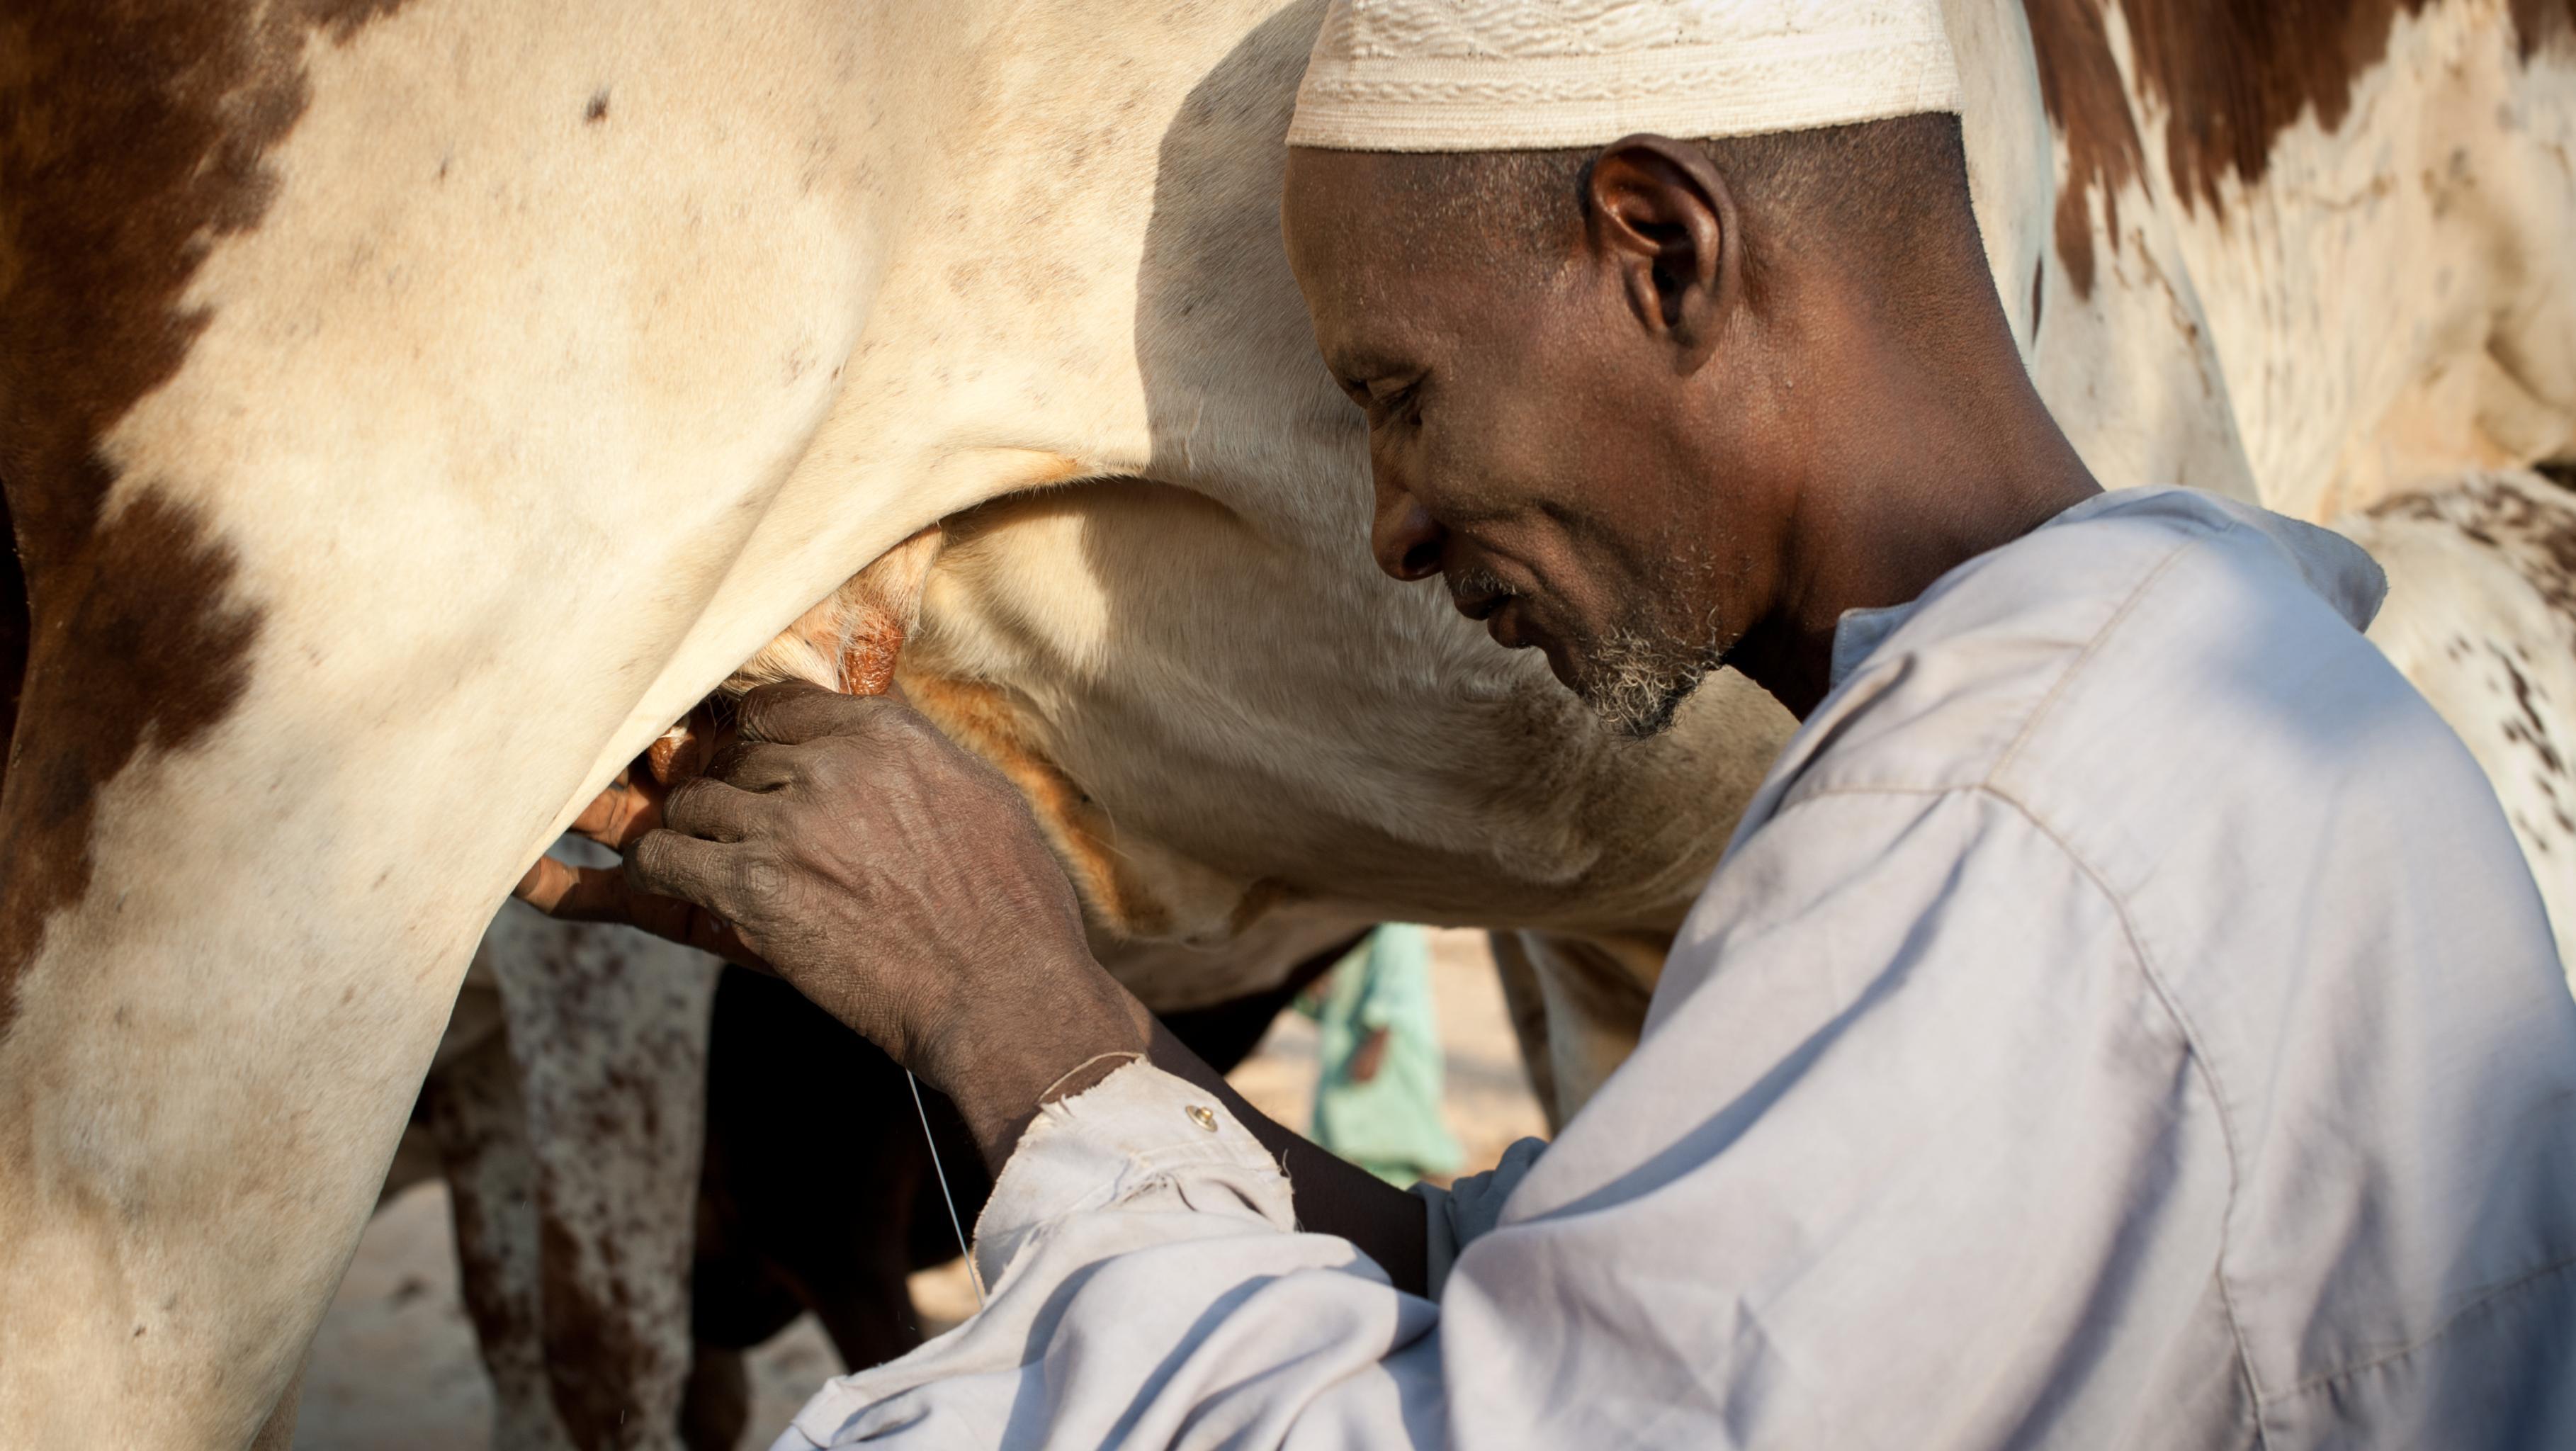 Ein Bauer melkt eine Kuh. Der Großteil der Bevölkerung im Tschad lebt von Landwirtschaft und Viehzucht.